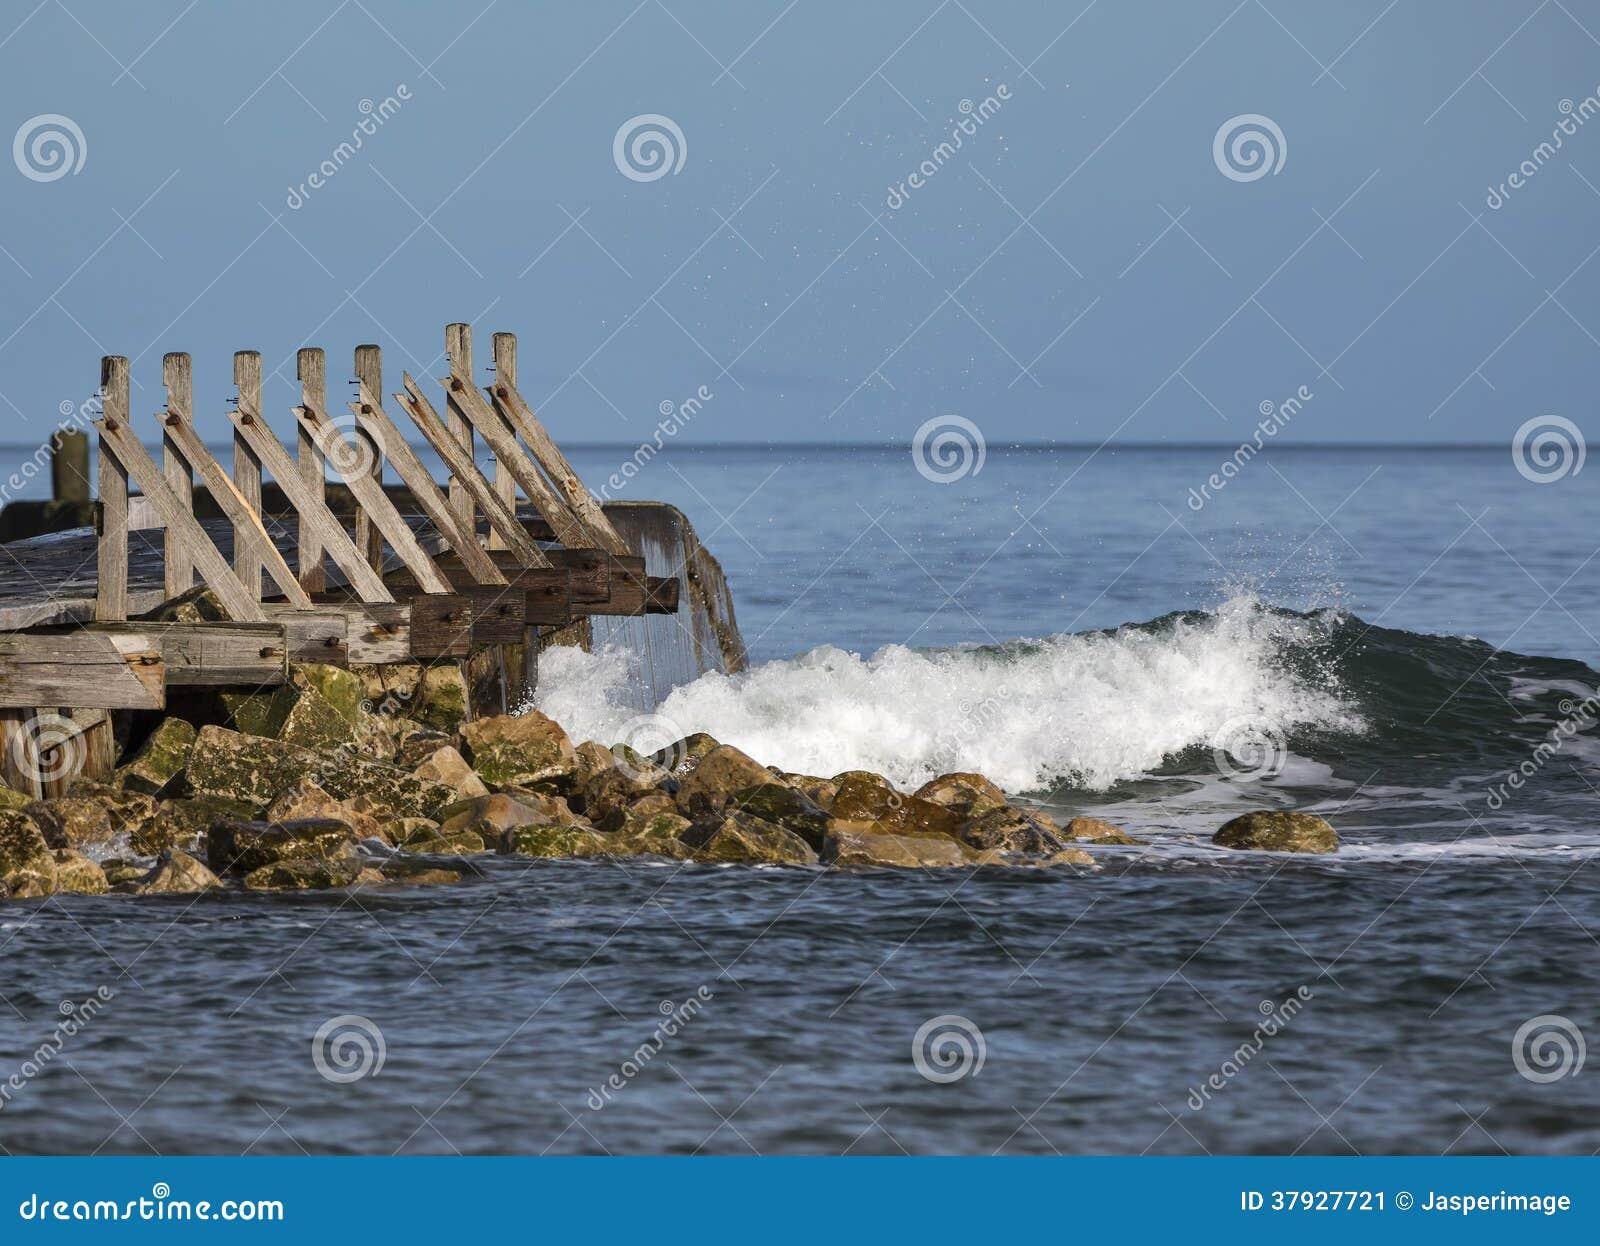 Rompeolas llamativo de la onda de Lossiemouth.